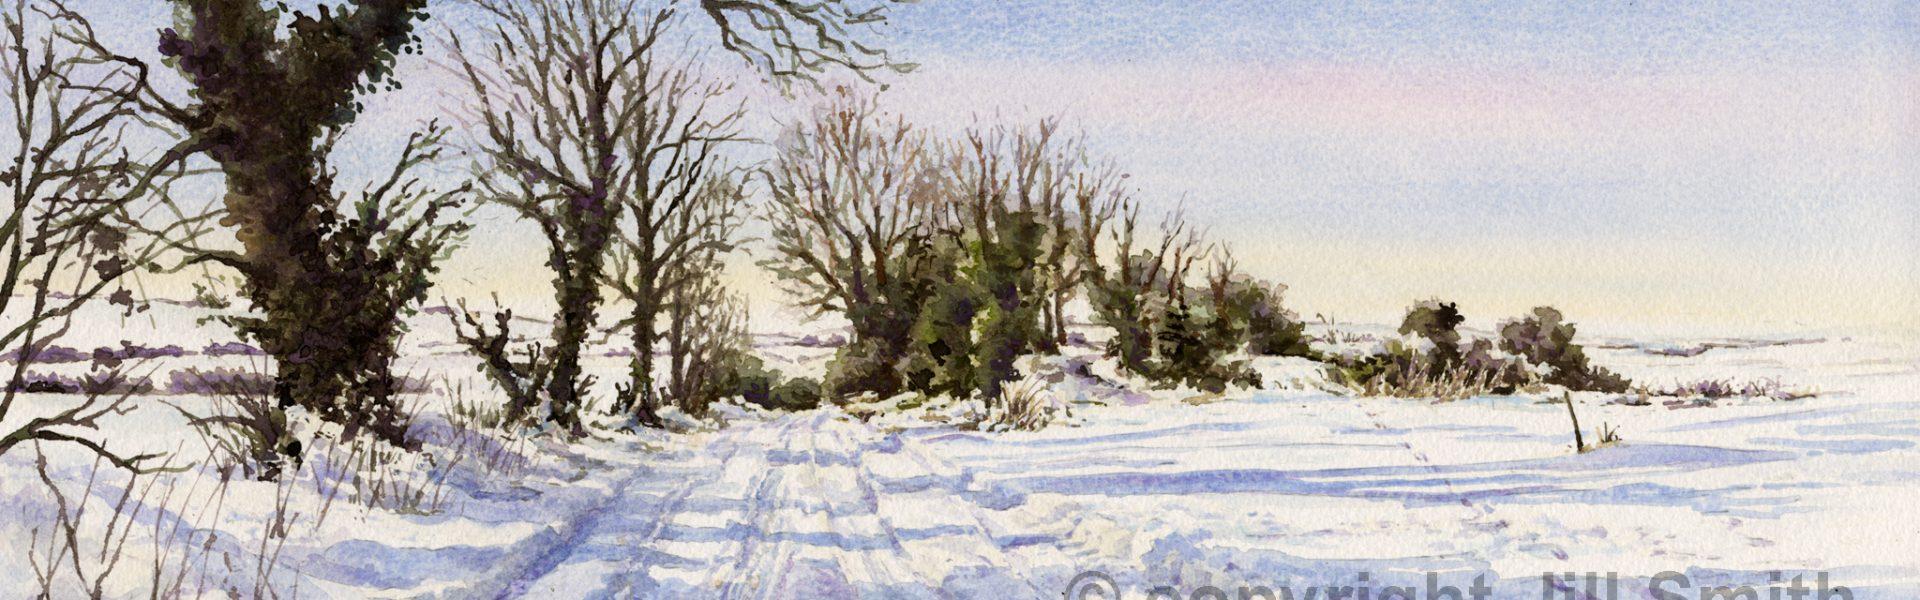 Ridgeway Under Snow SOLD